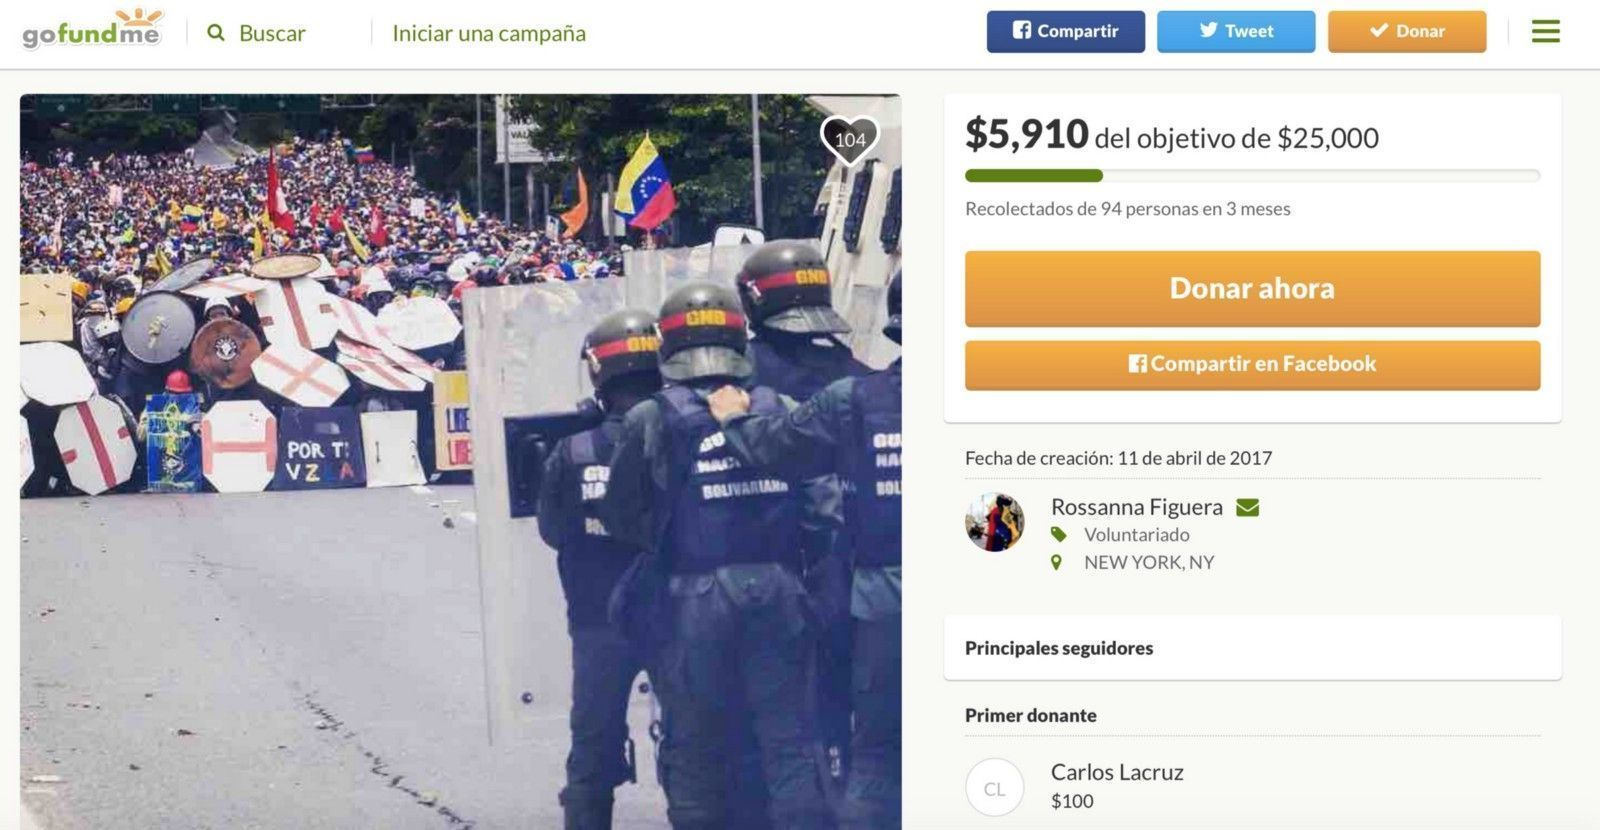 violencia-en-venezuela-como-negocio-en-internet-05